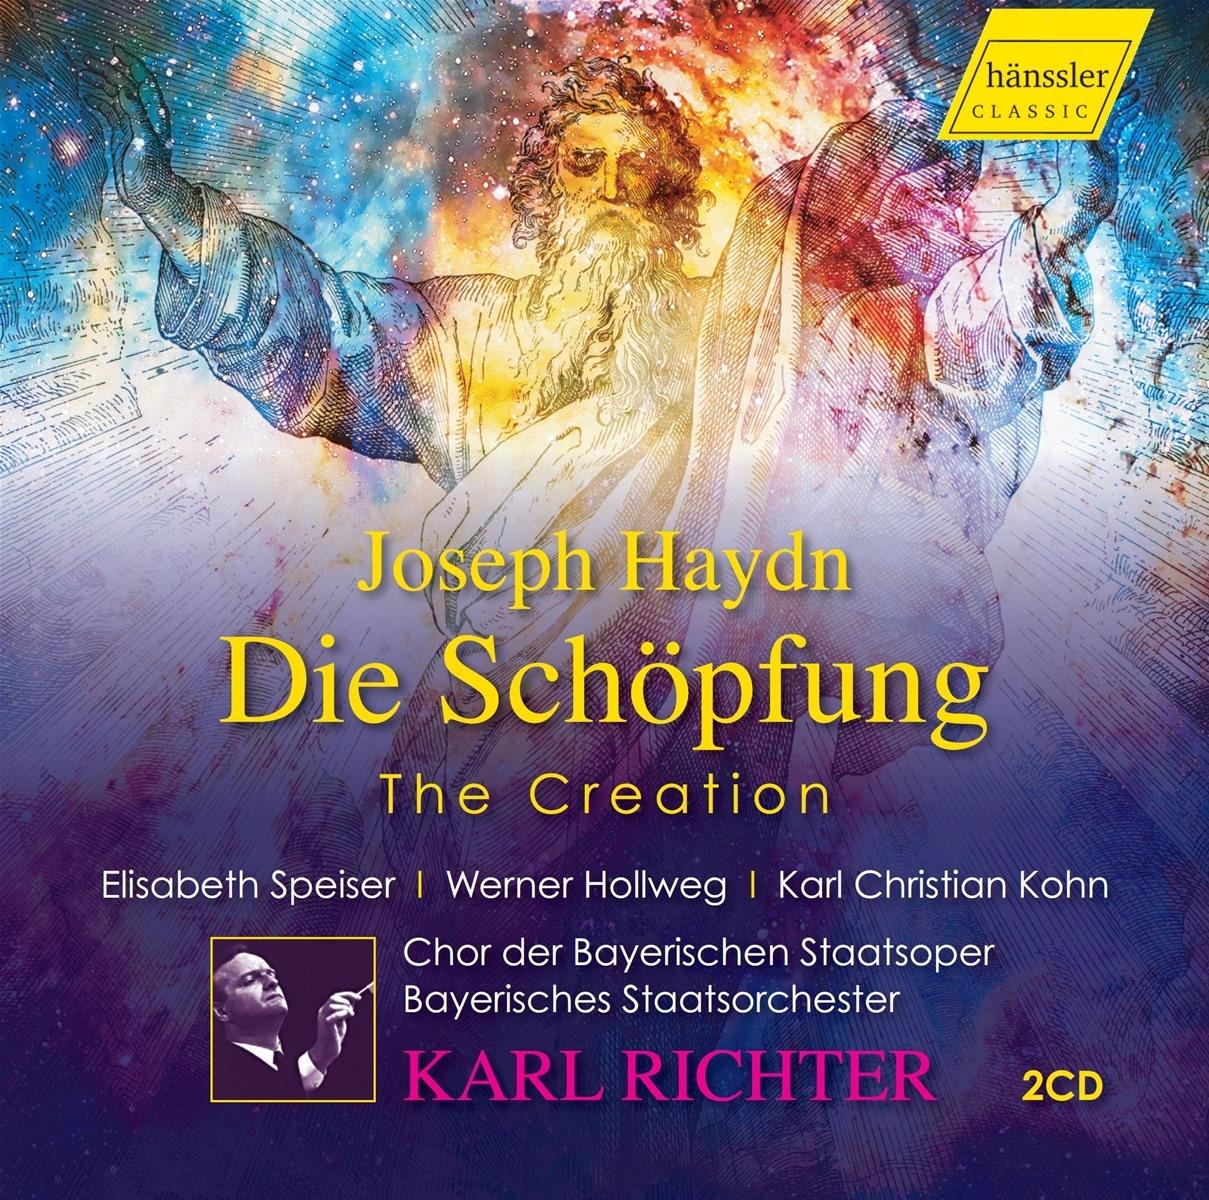 Die Schöpfung/The Creation-Joseph Haydn